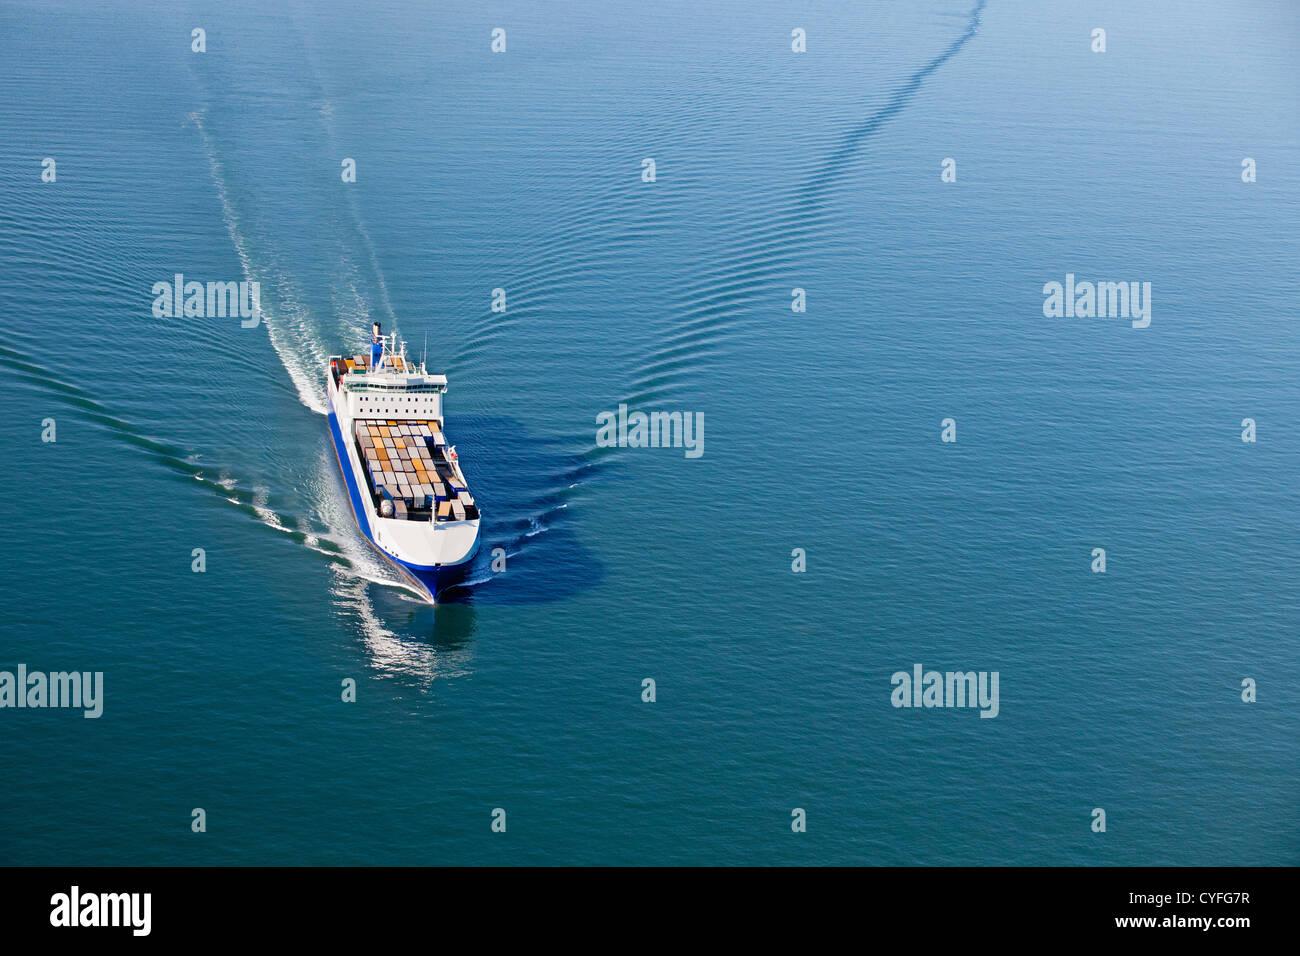 Die Niederlande Westkapelle. Westerschelde Fluss. Roll-on, Roll-off Frachtschiff. Luft. Stockbild